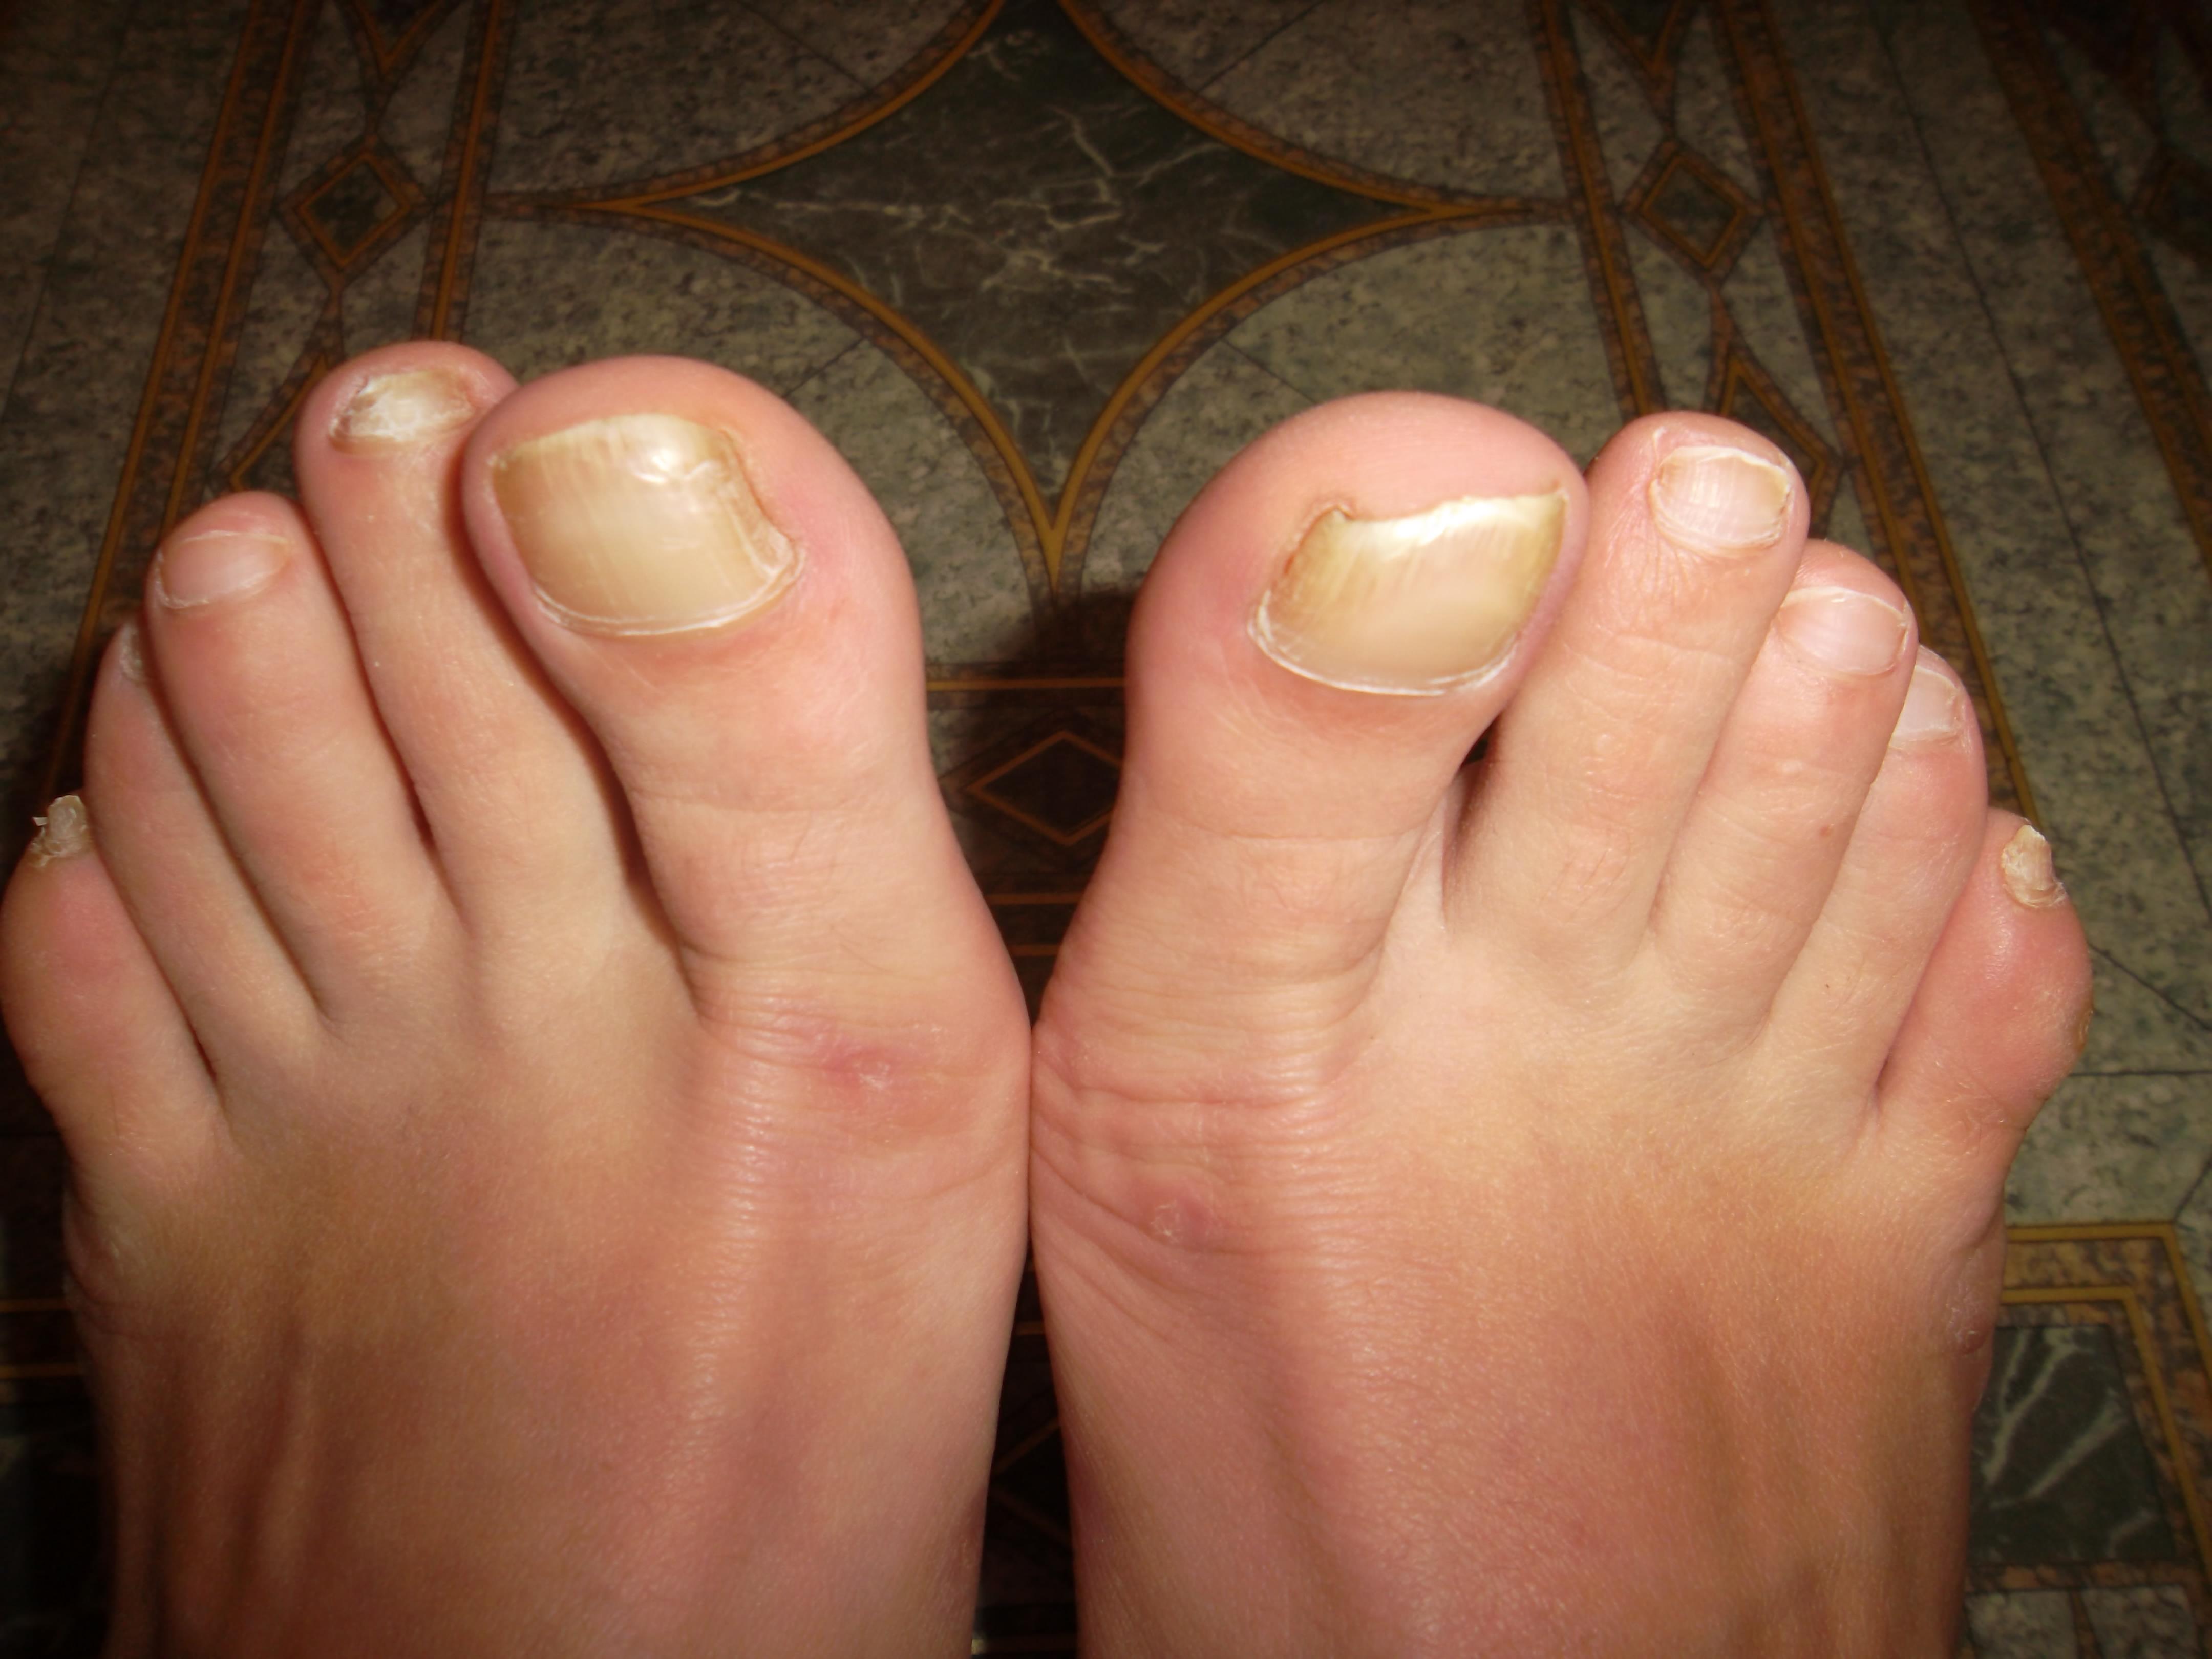 Как вылечить грибок на подошве ног в домашних условиях быстро